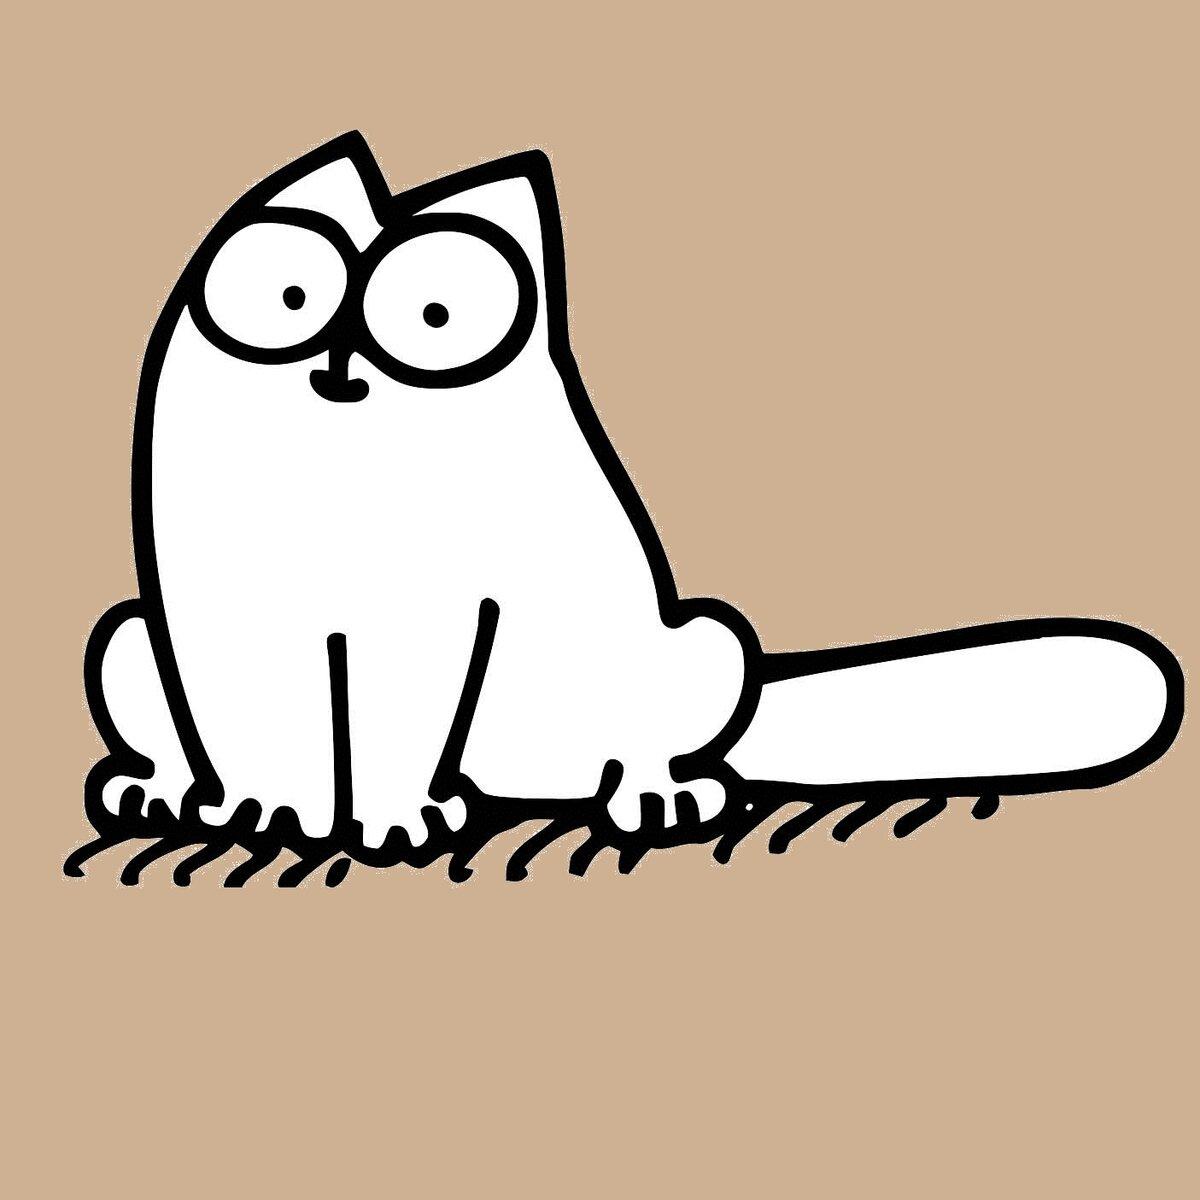 Рисунки кота саймона карандашом для срисовки